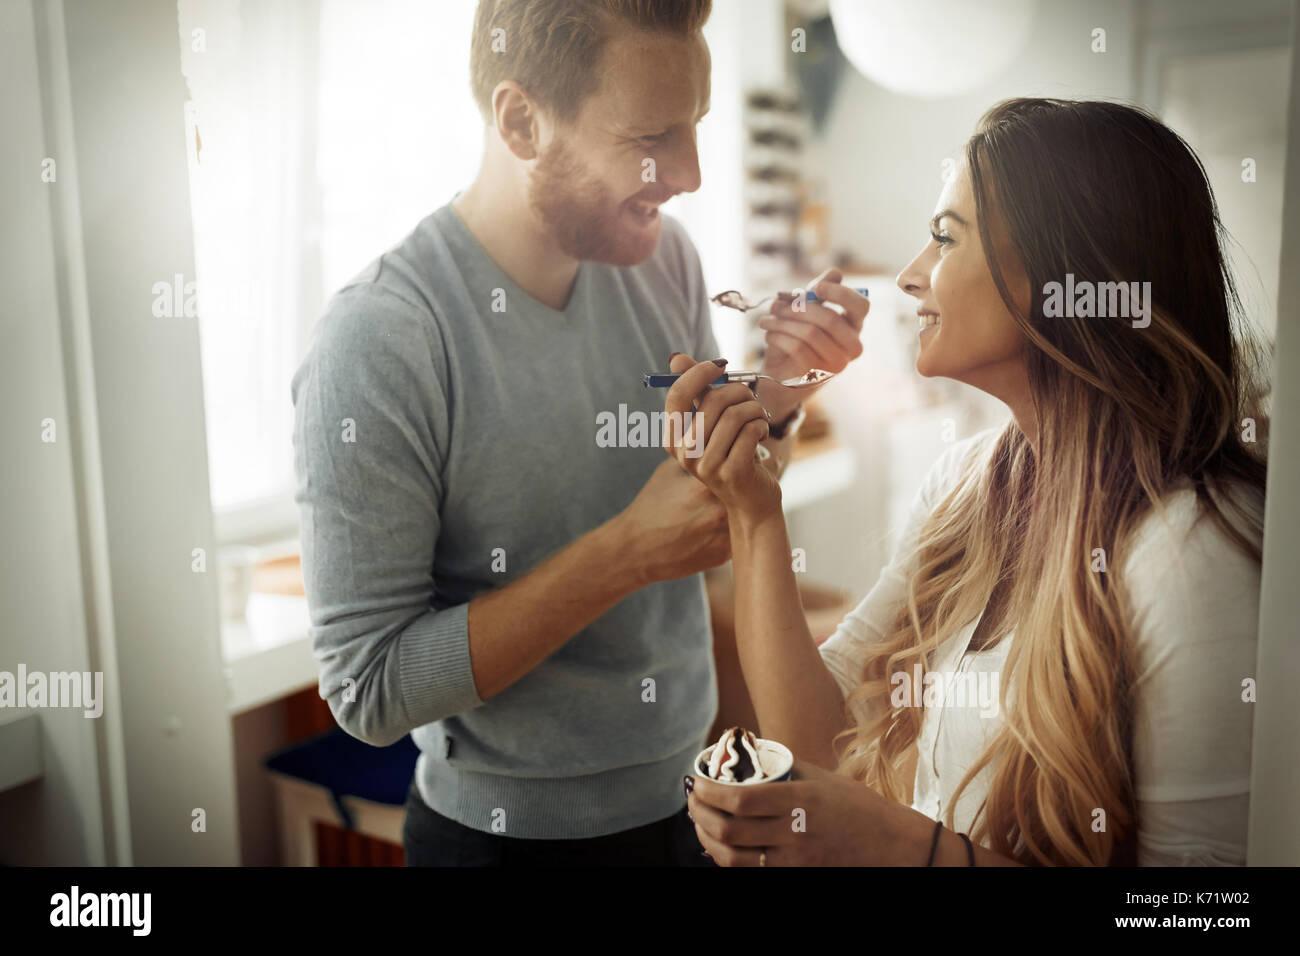 Par de divertirse y reírse en casa mientras come helado Imagen De Stock